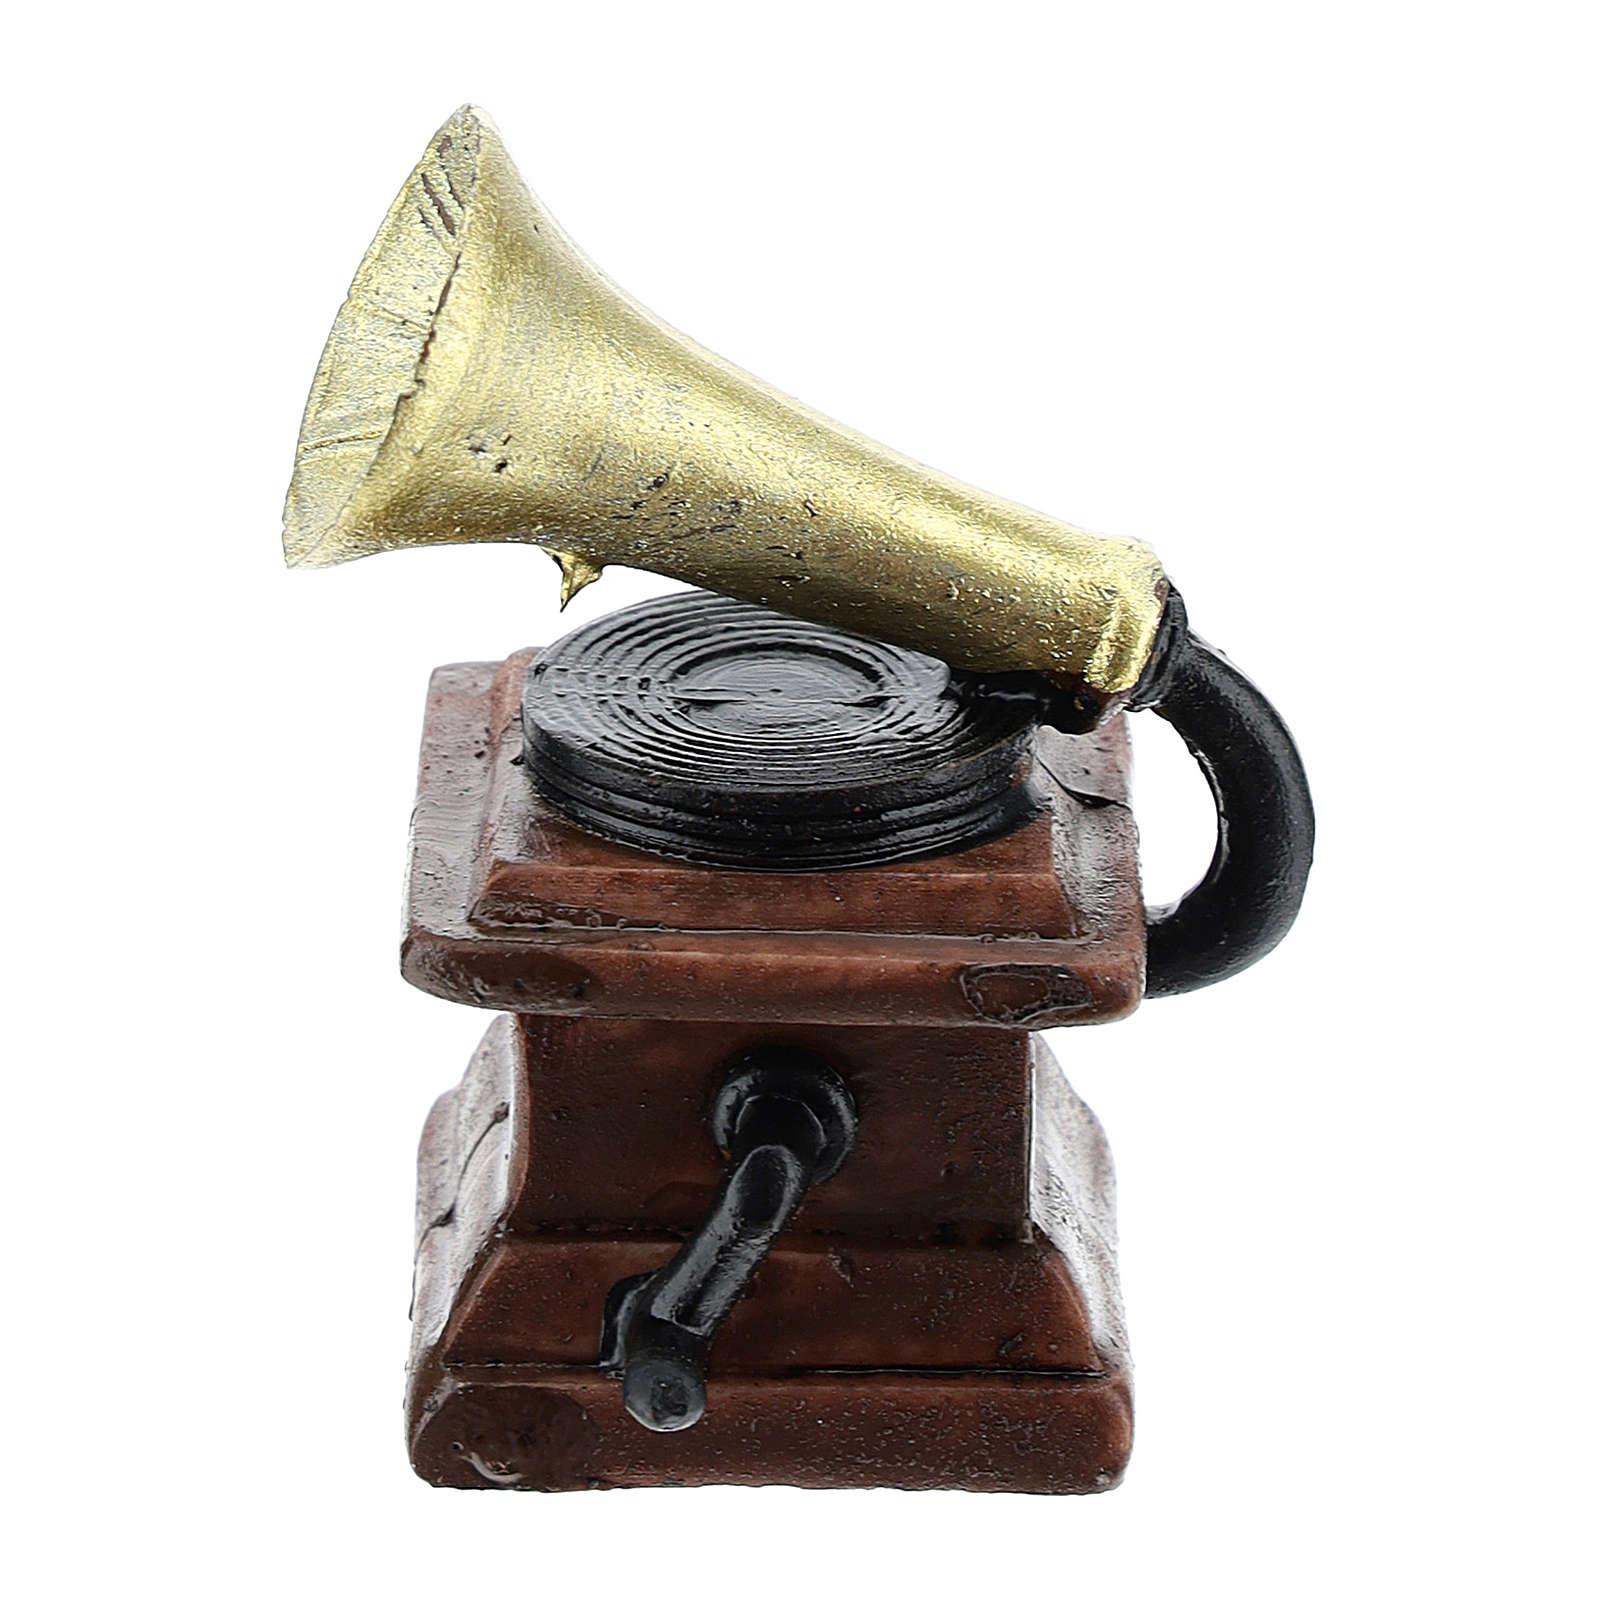 Grammofono in resina 5x3x3 cm per presepe 8-10 cm 4